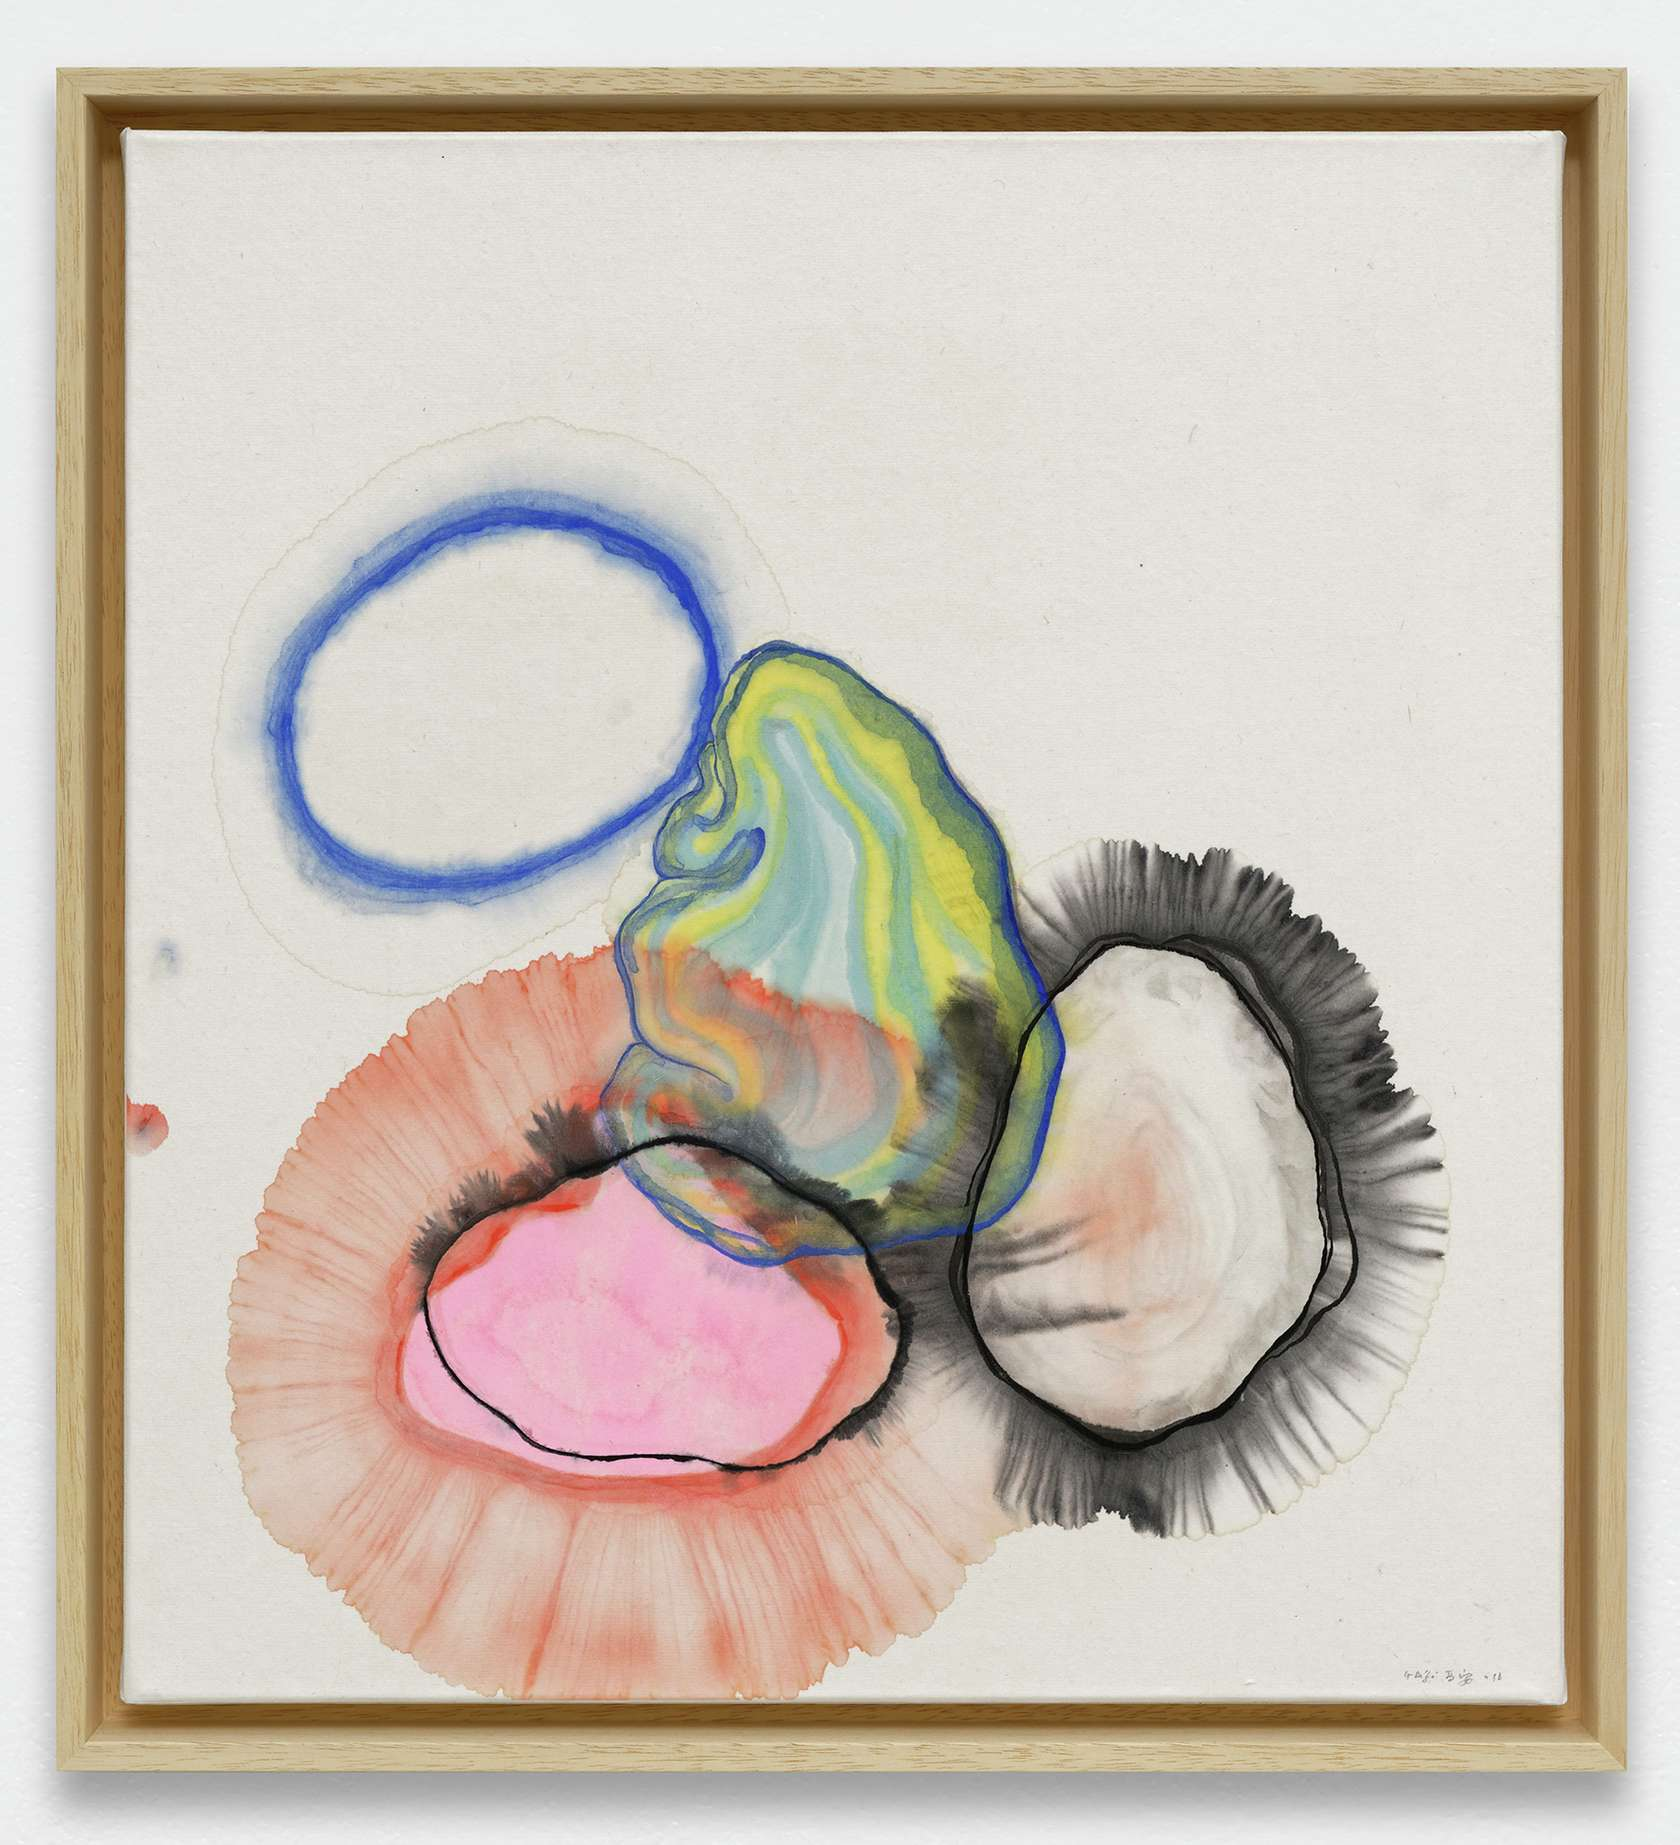 Guillaume Dégé, Sans titre, 2019 Gouache sur papier chinois marouflé sur toile47.5 × 43.5 cm / 18 6/8 × 17 1/8 in.